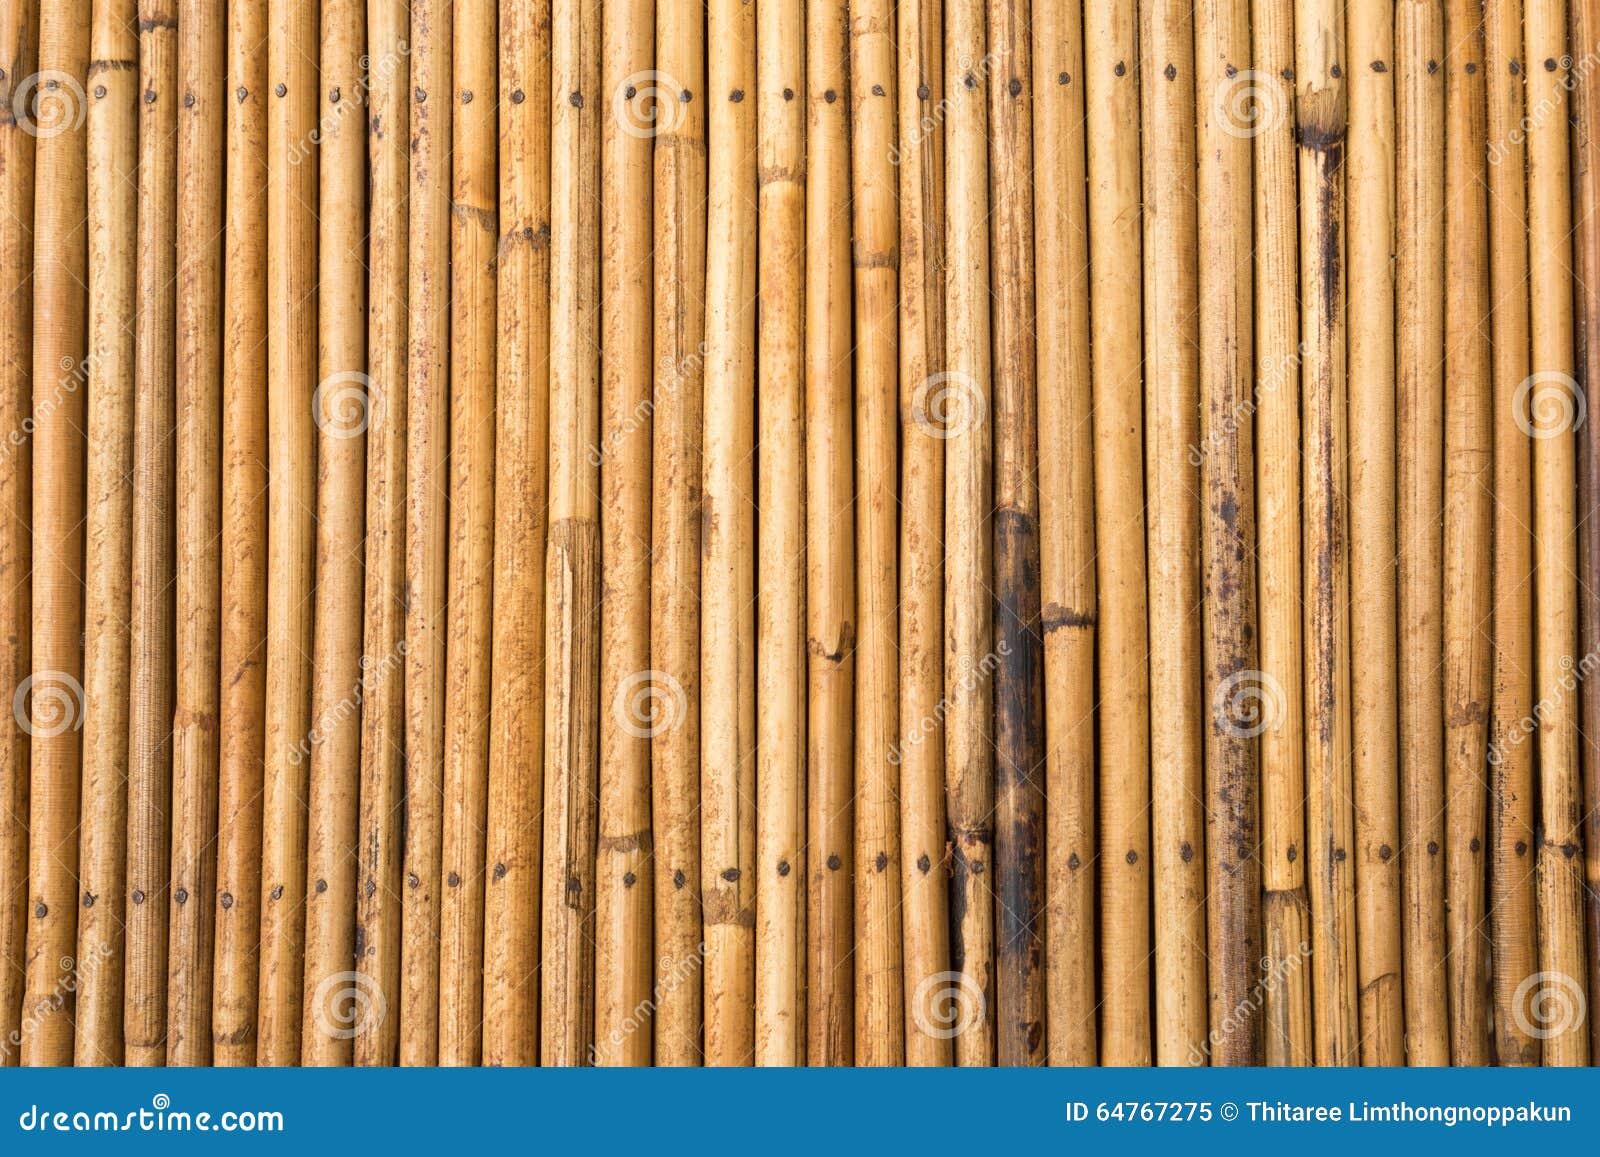 Bambus für Hintergrundbild stockbild. Bild von handmade - 64767275